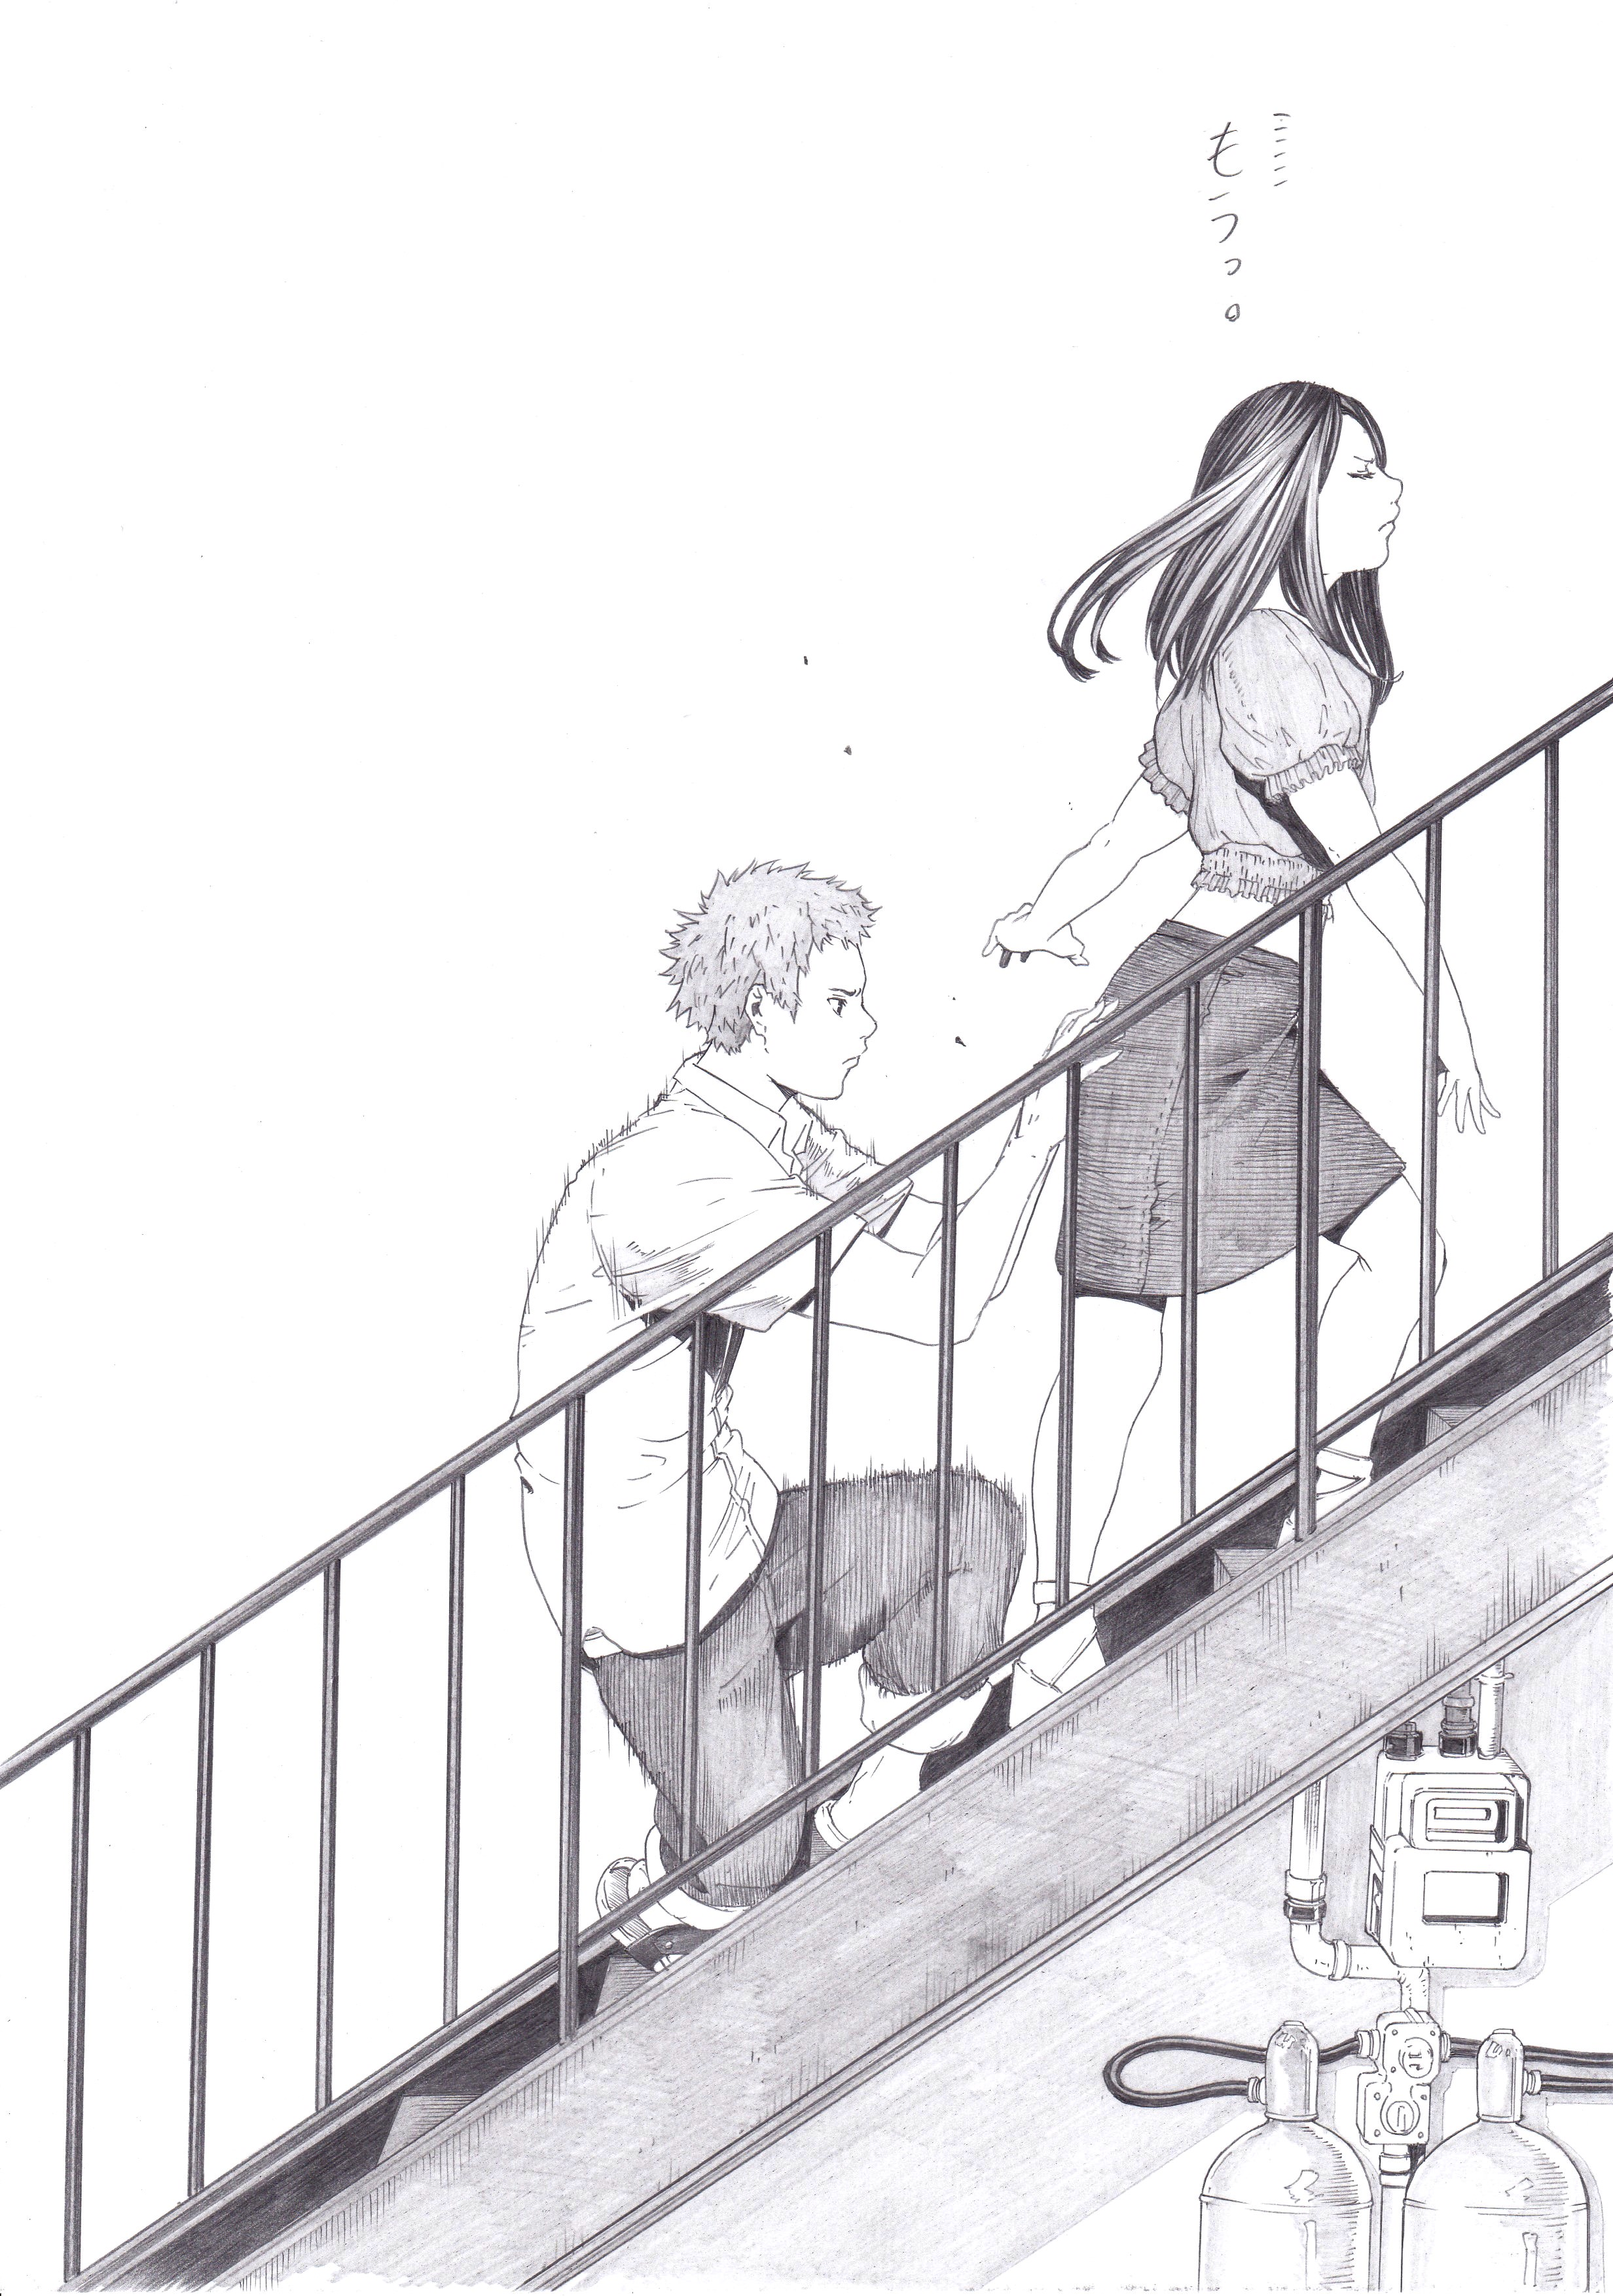 大野そらさんの「幸せそうなカップルはこう」のイラスト